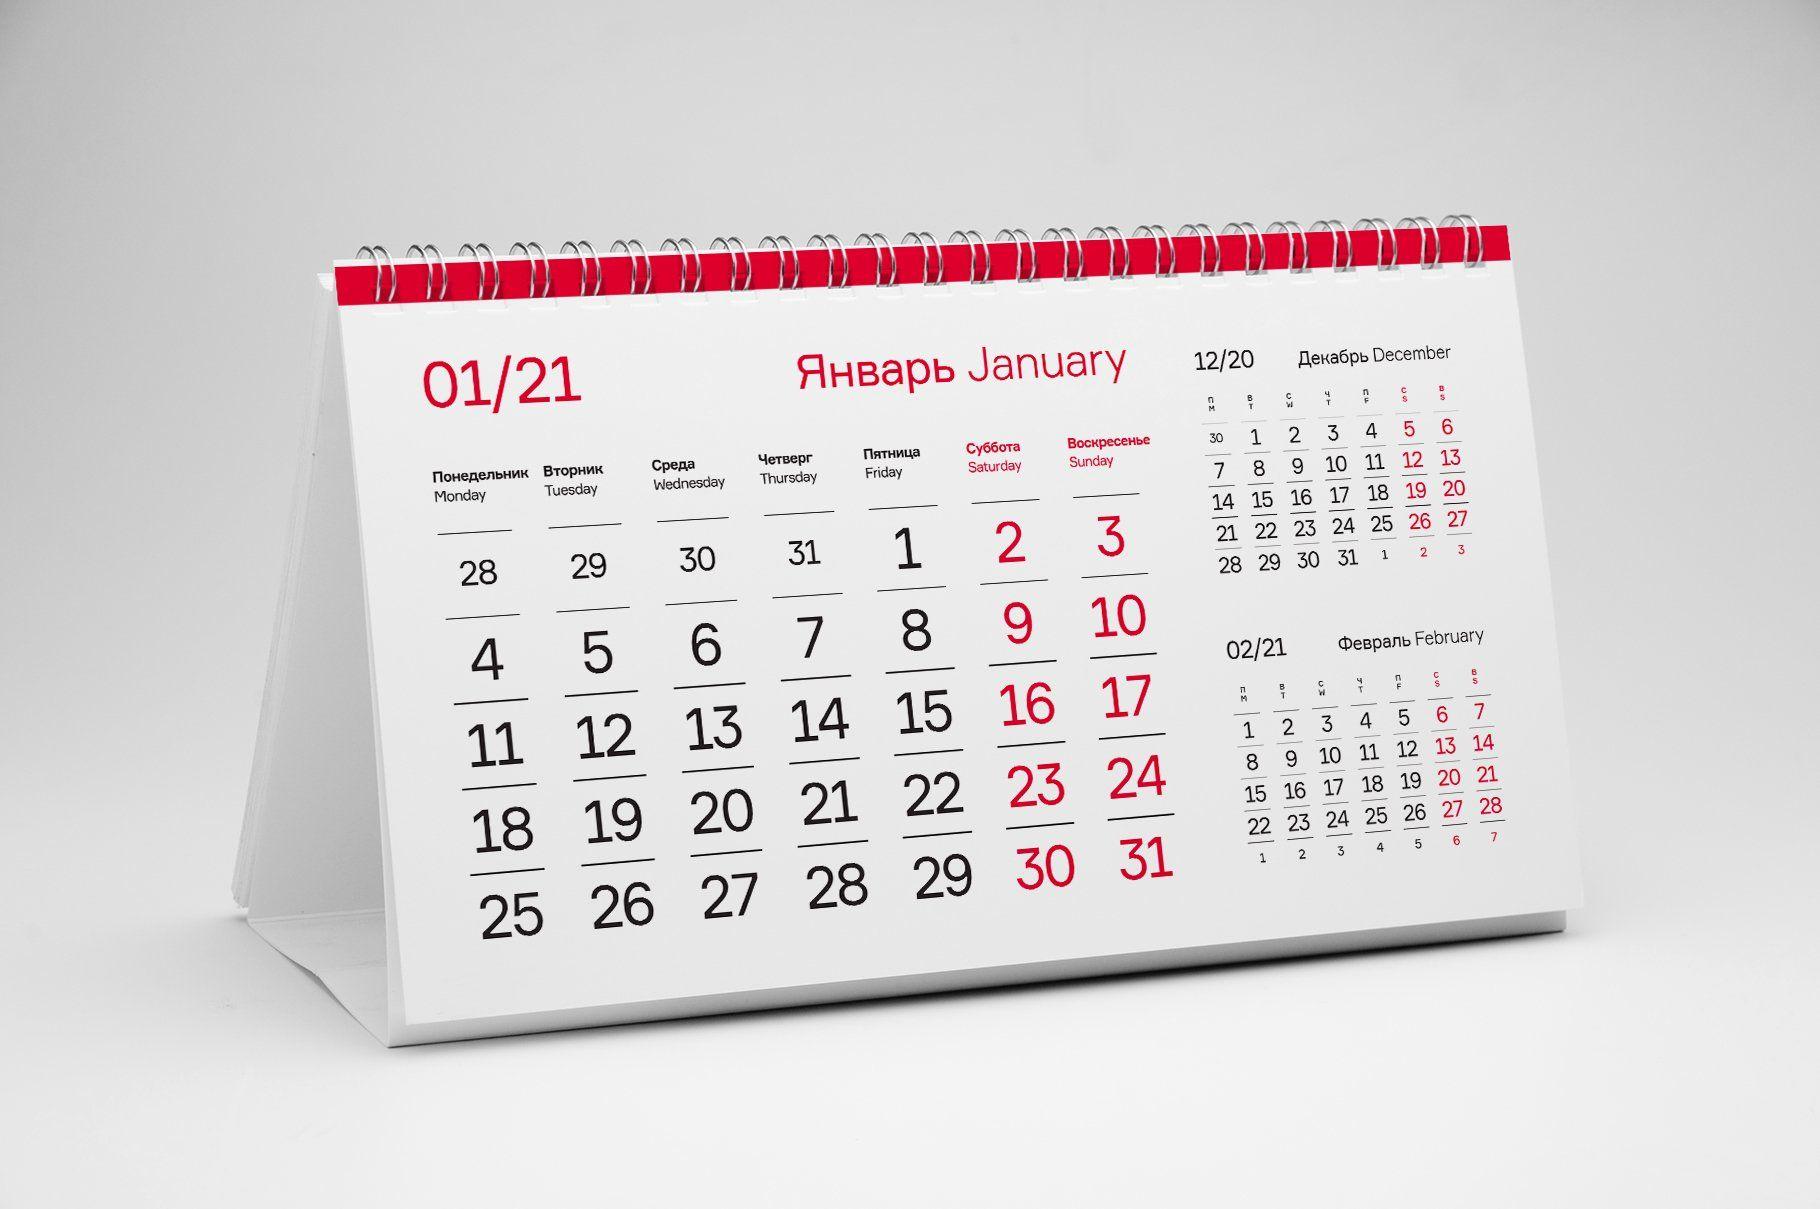 Desk Company Calendar 2021 Russian in 2020 | Company calendars